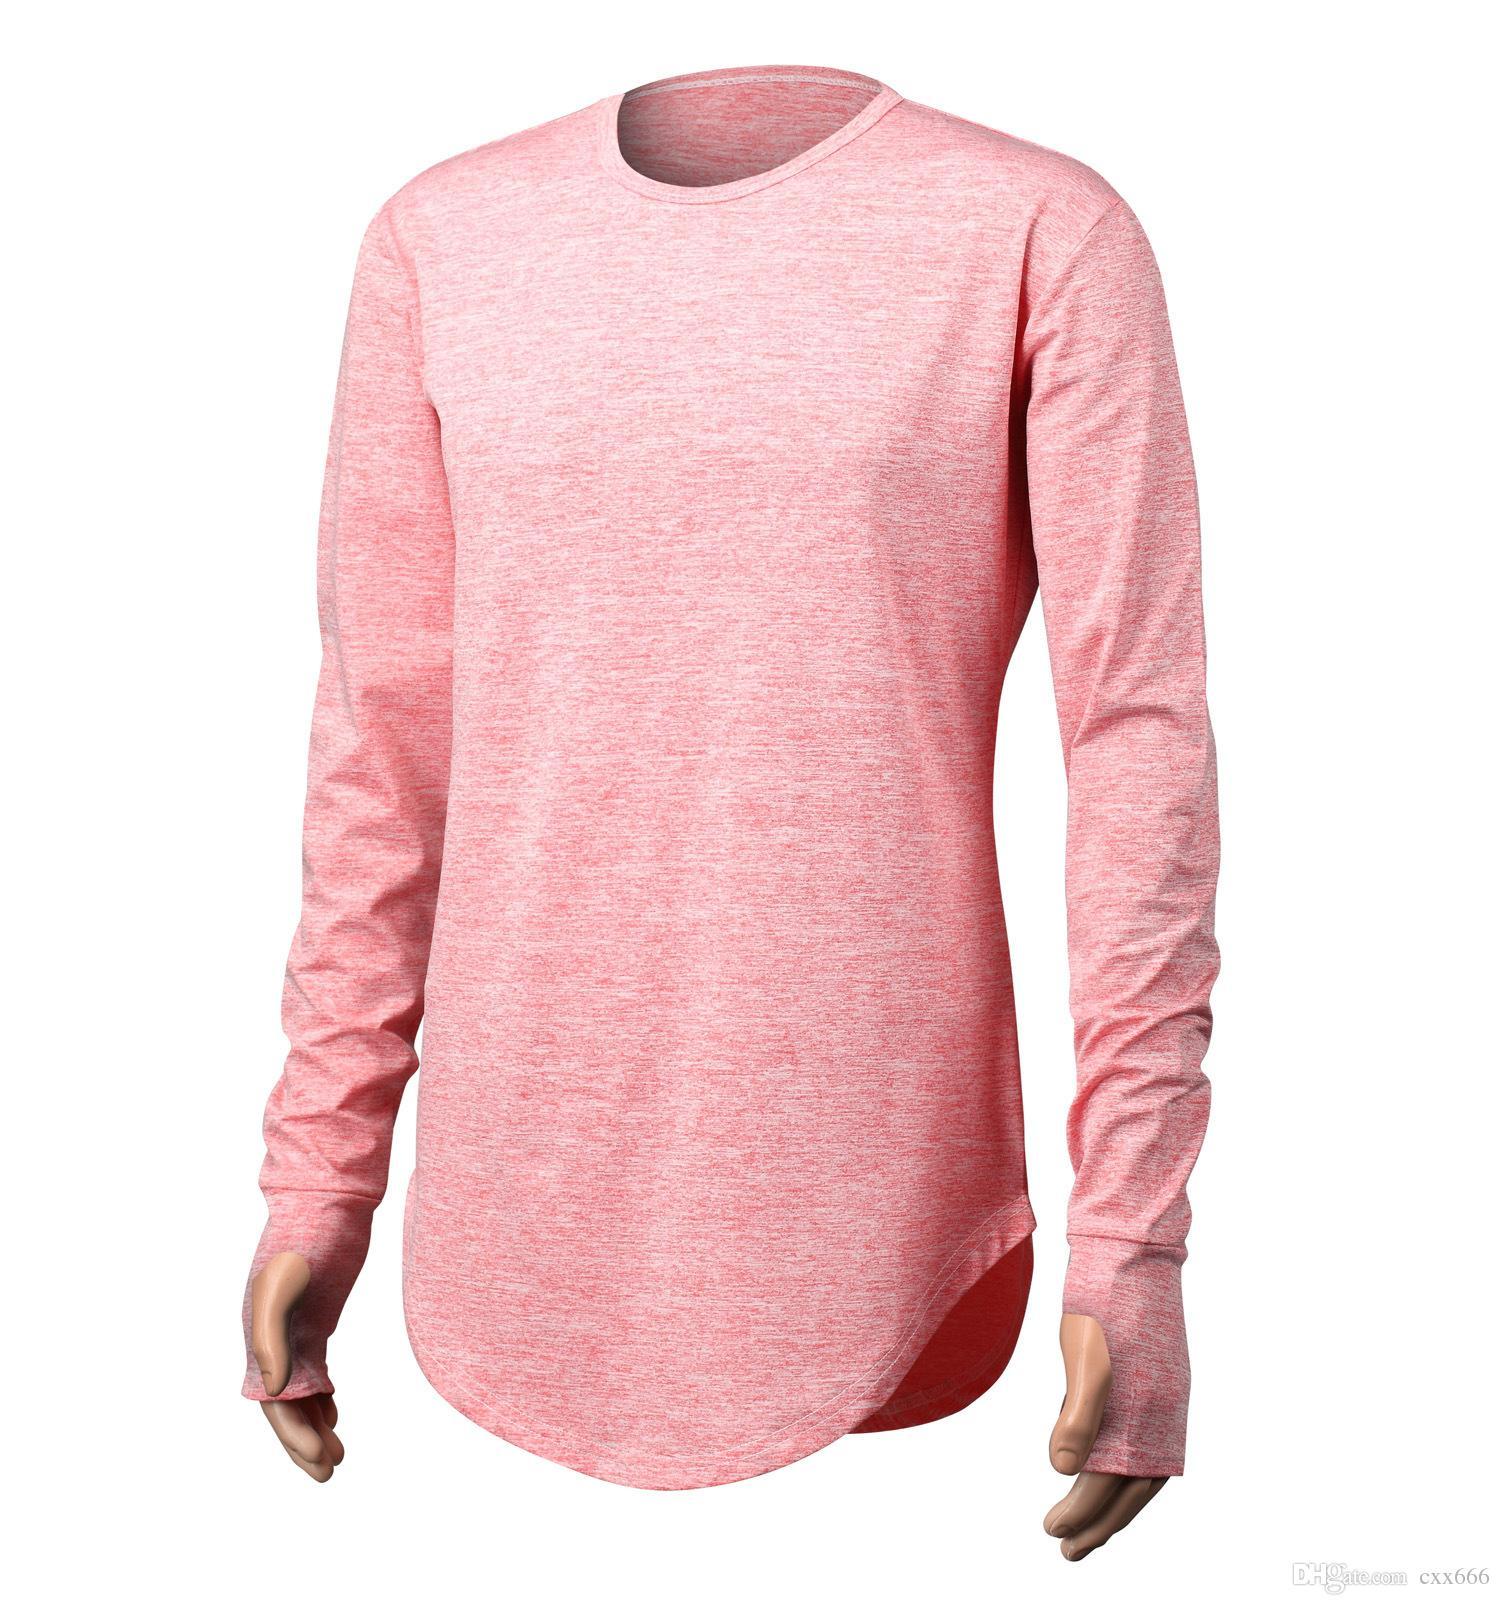 Acquista 2017 Estendere La Strada Hip Hop T Shirt All ingrosso Marchio Di  Moda In Cotone T Shirt Da Uomo Estate Manica Lunga Disegno Oversize Tenere  La Mano ... 11193cac07a